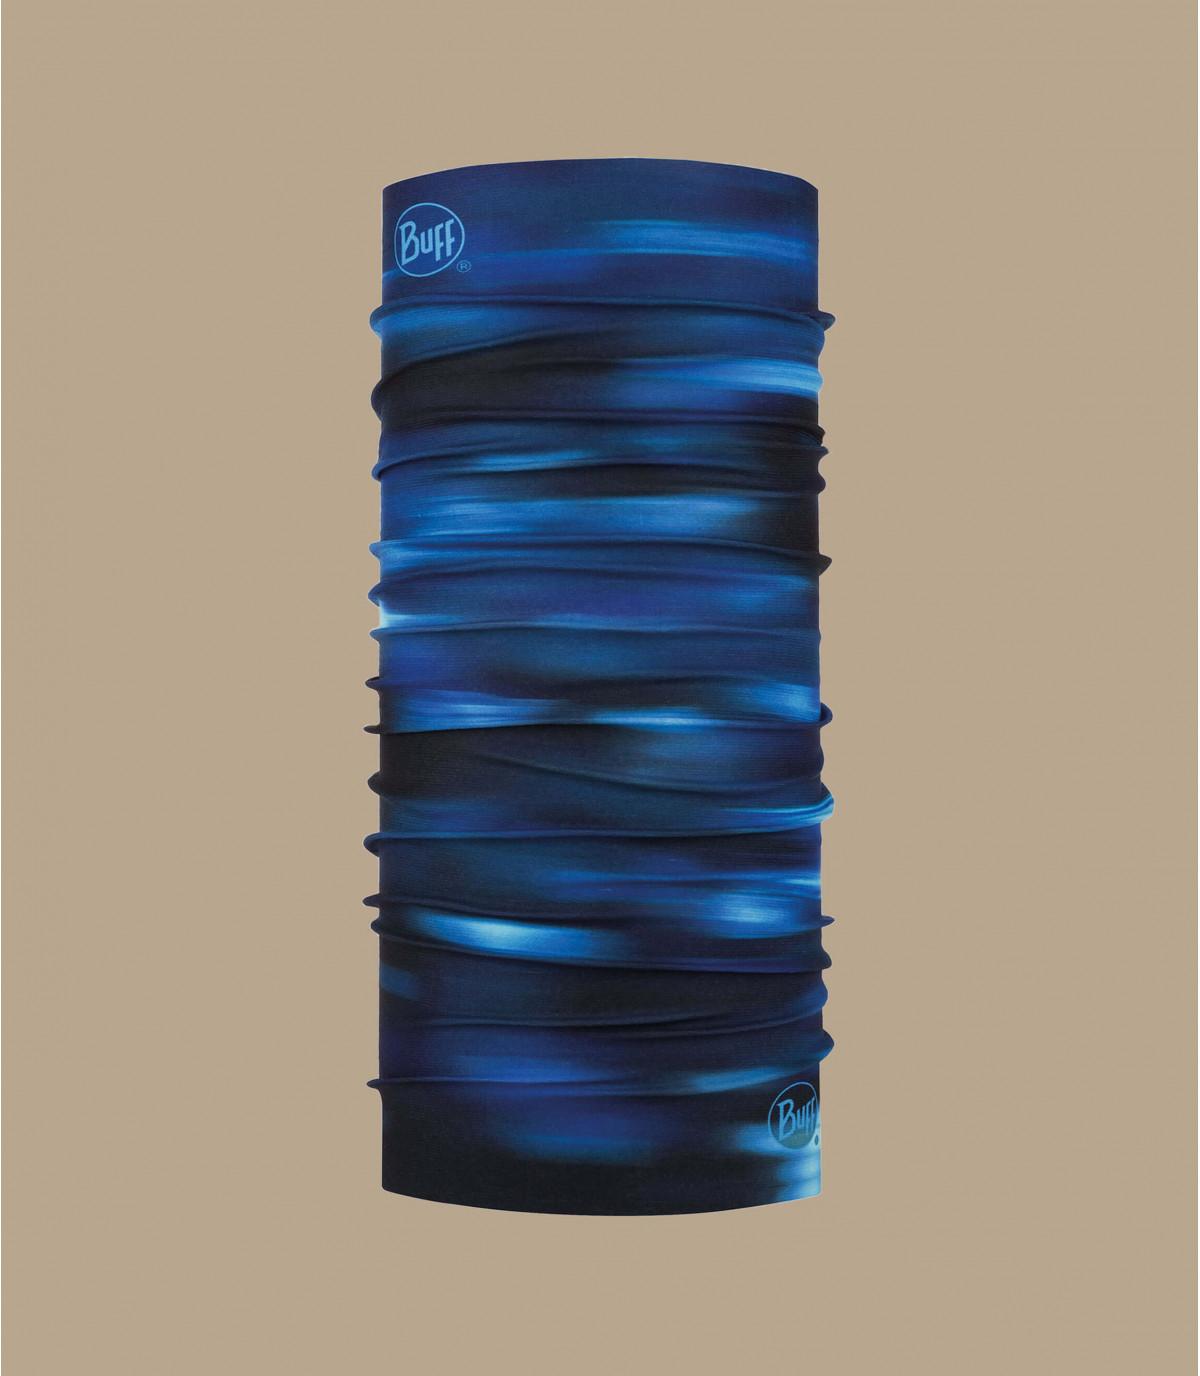 Buff imprimé bleu noir